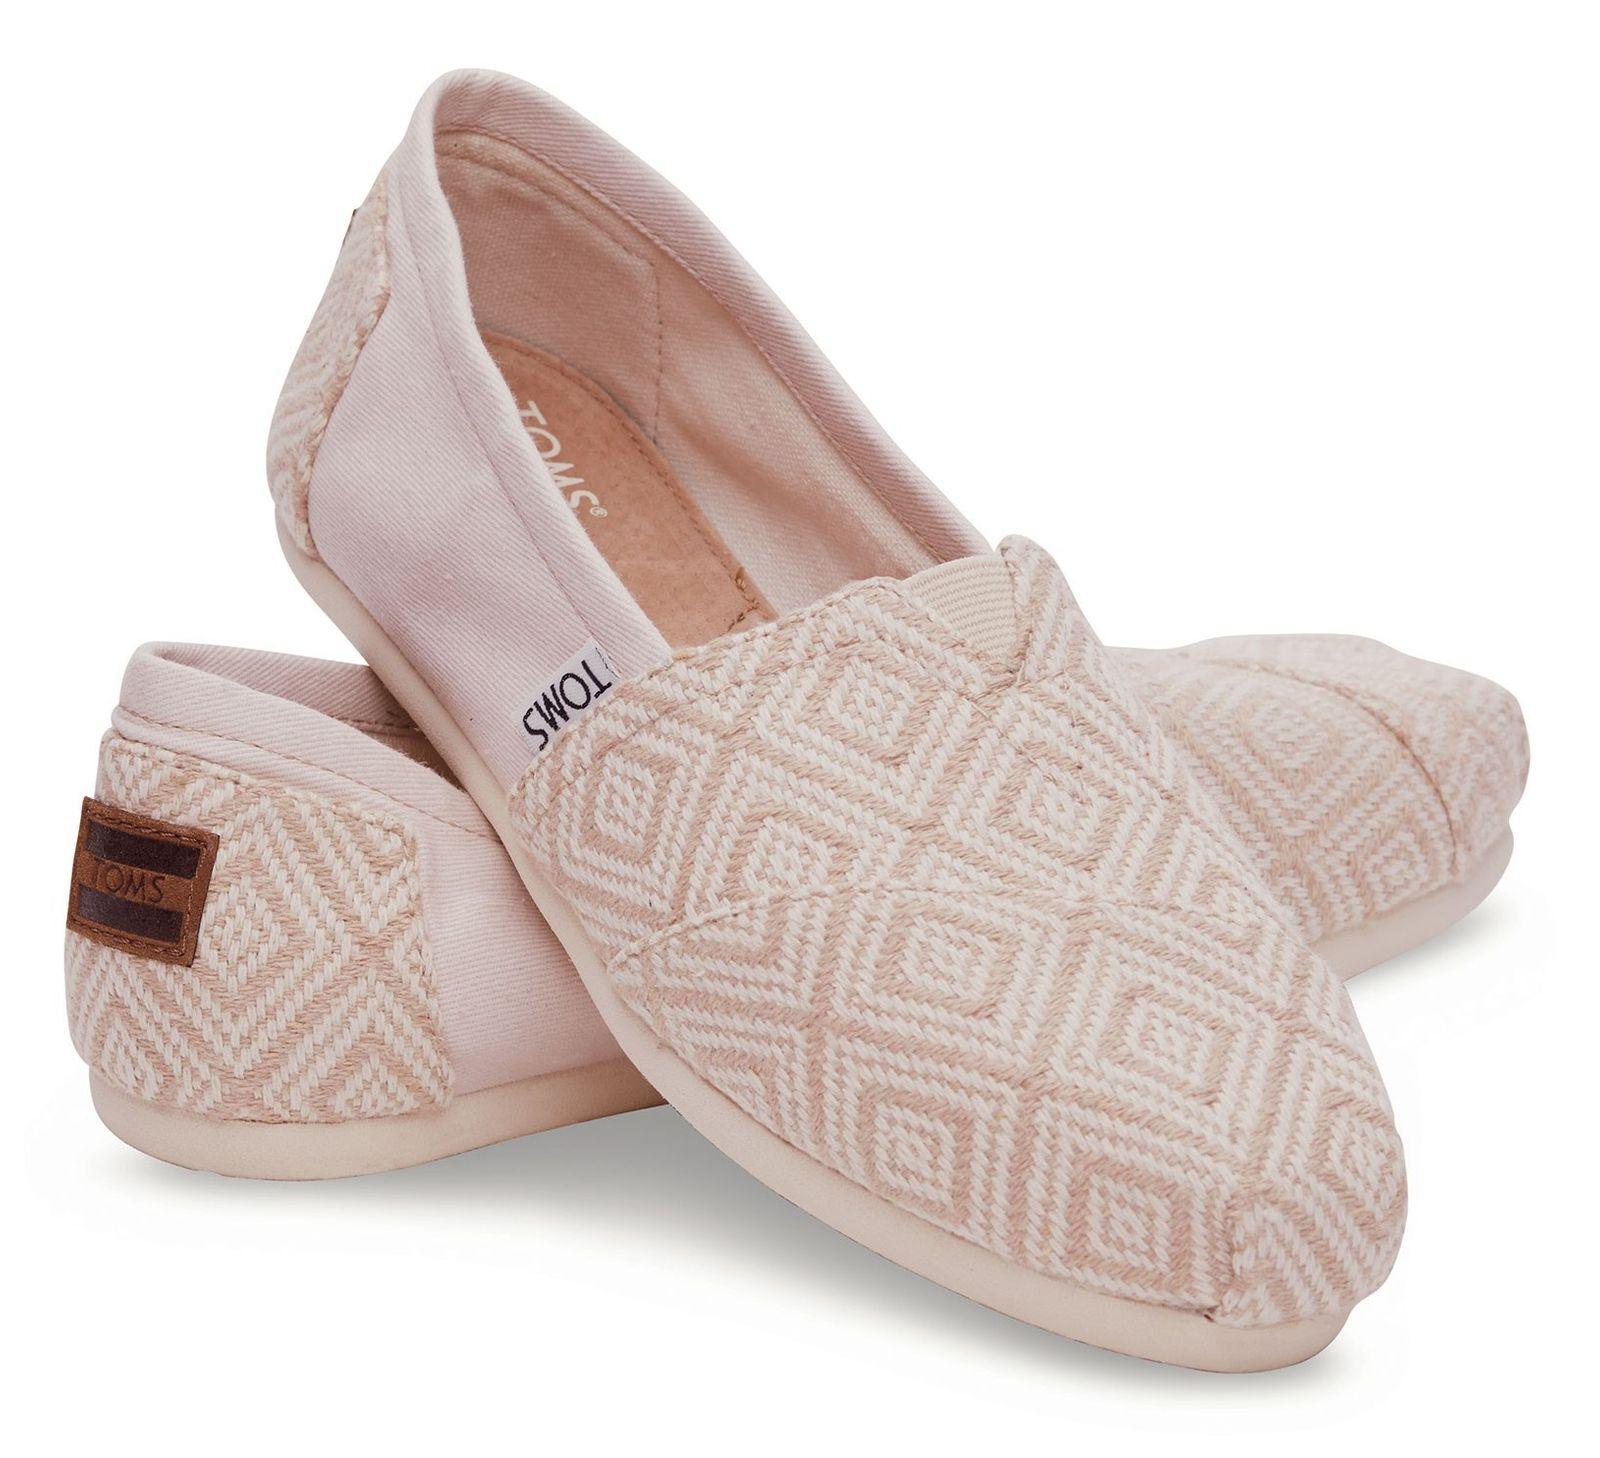 کفش تخت نخی زنانه - تامز - کرم روشن بافت دار - 3